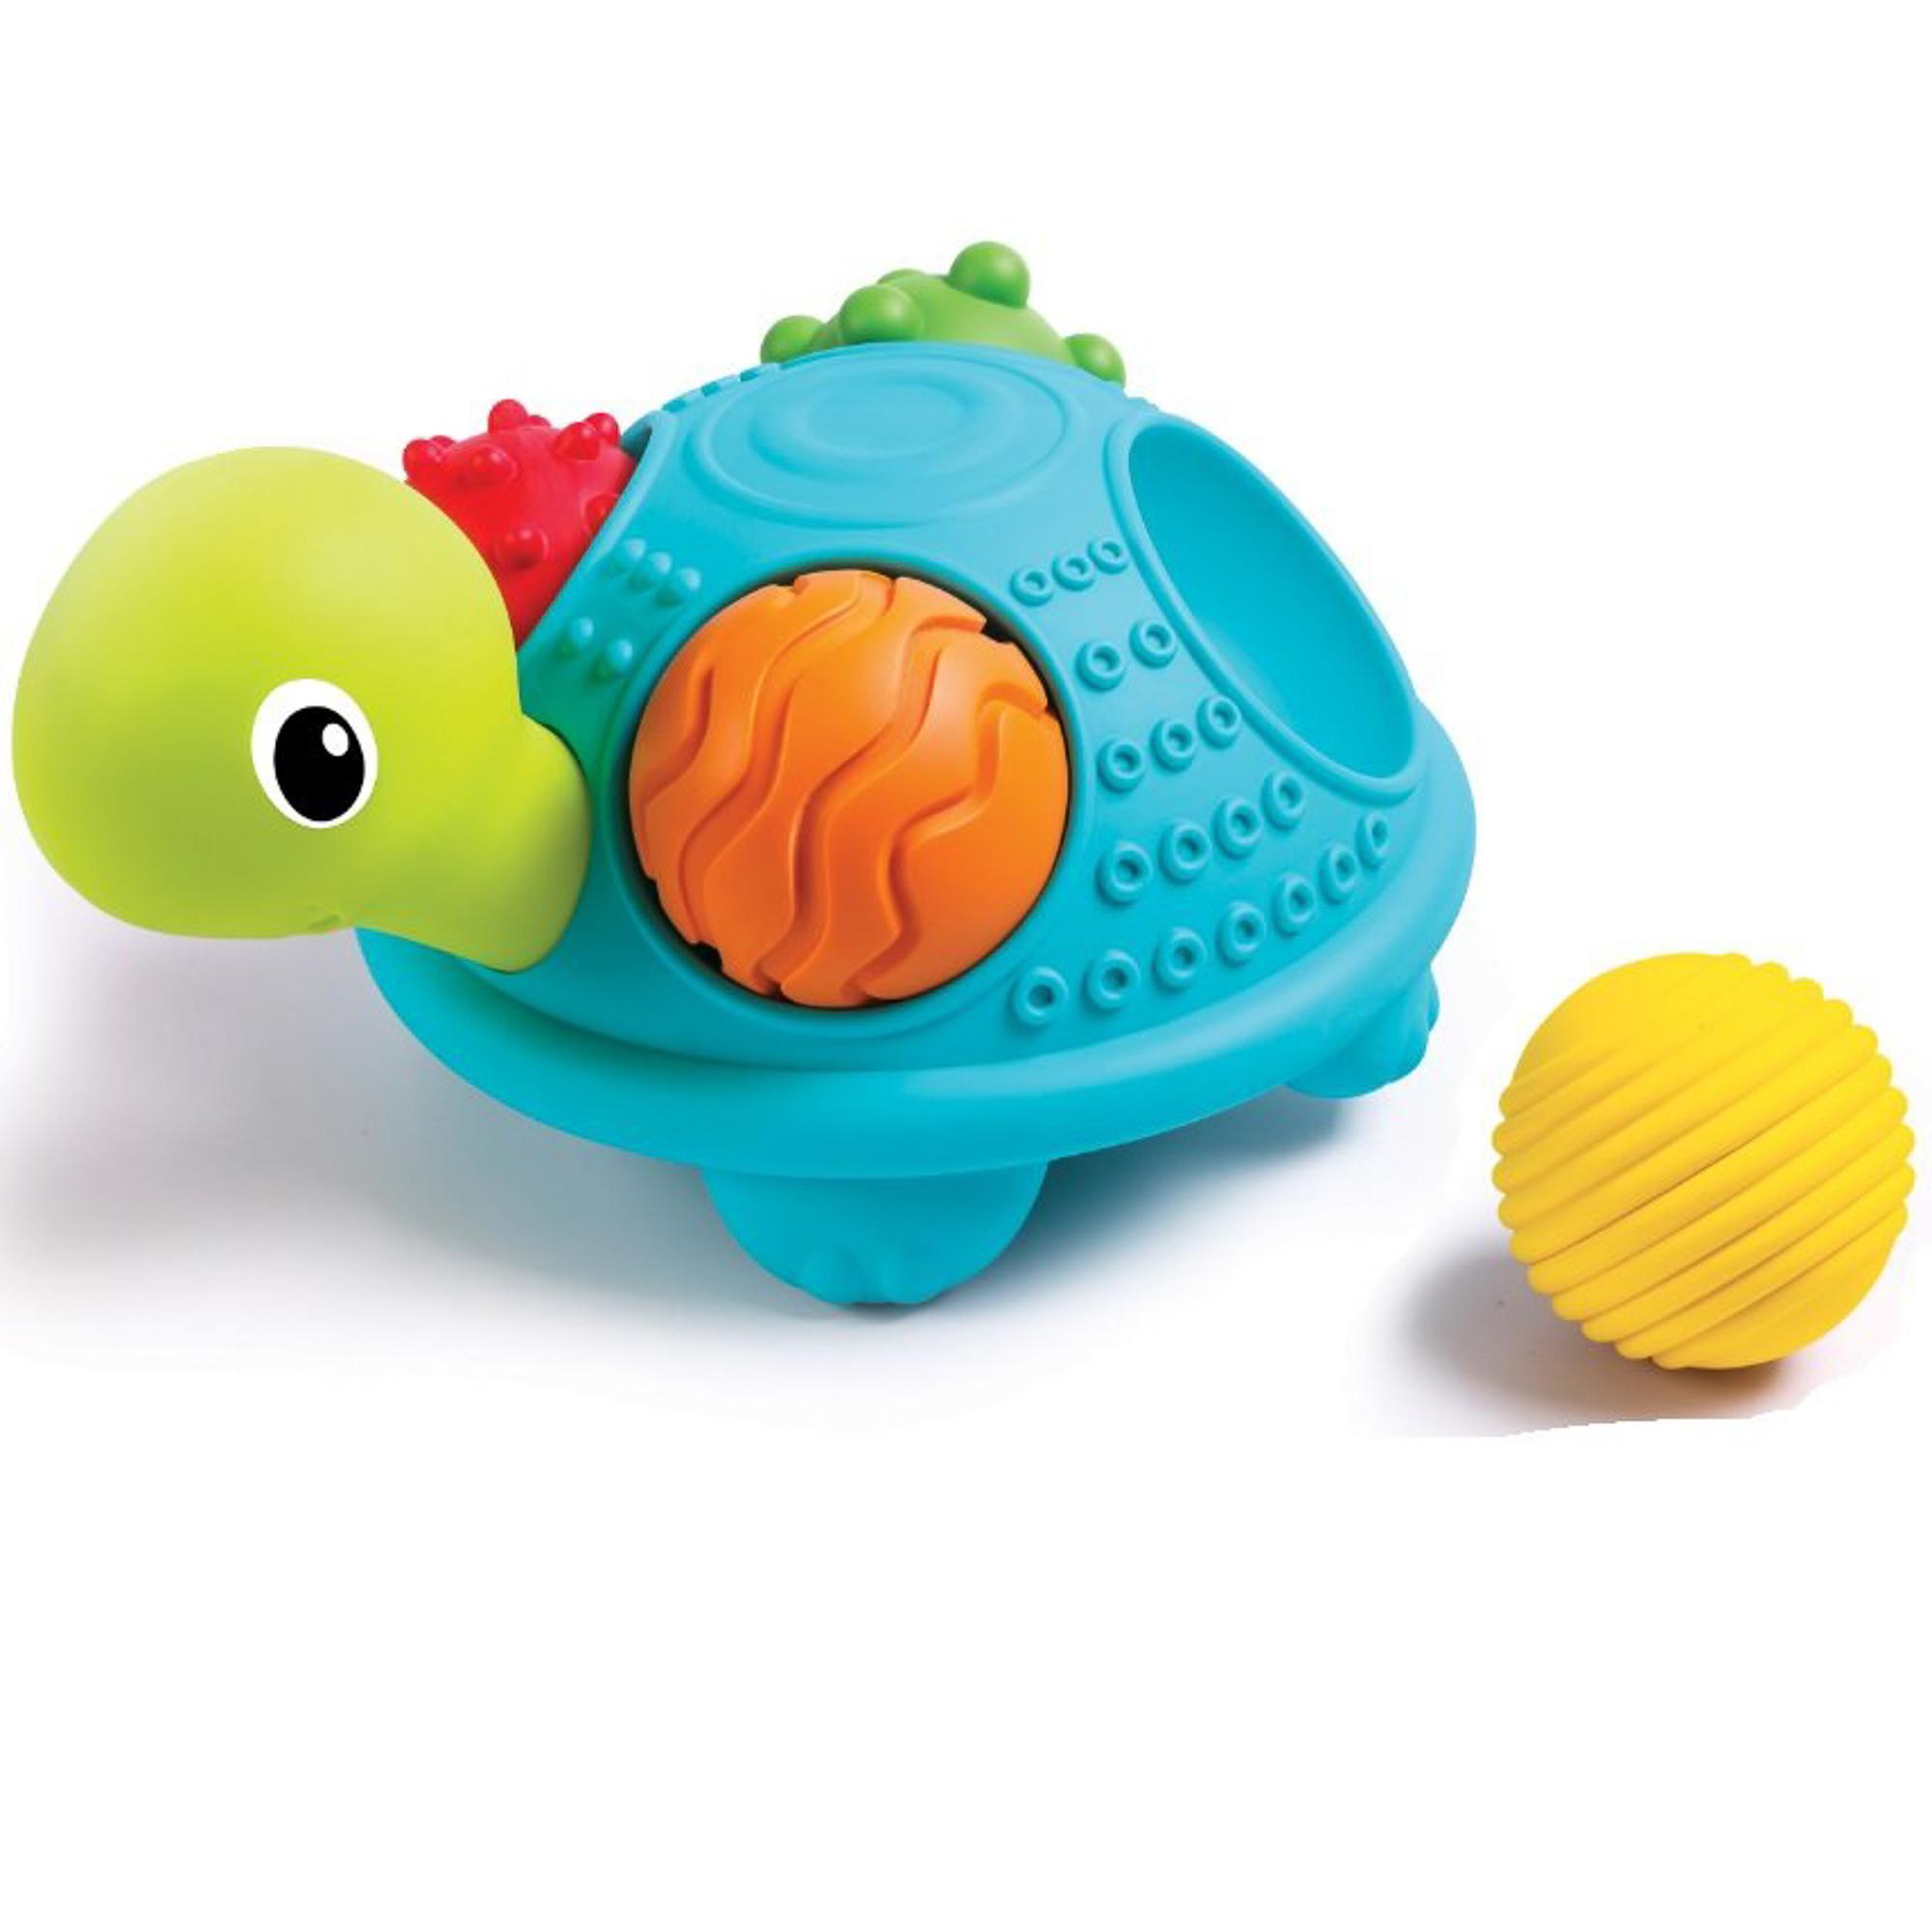 Купить Игрушка Bkids черепашка sensory, Китай, пластик, пвх, Настольные игры